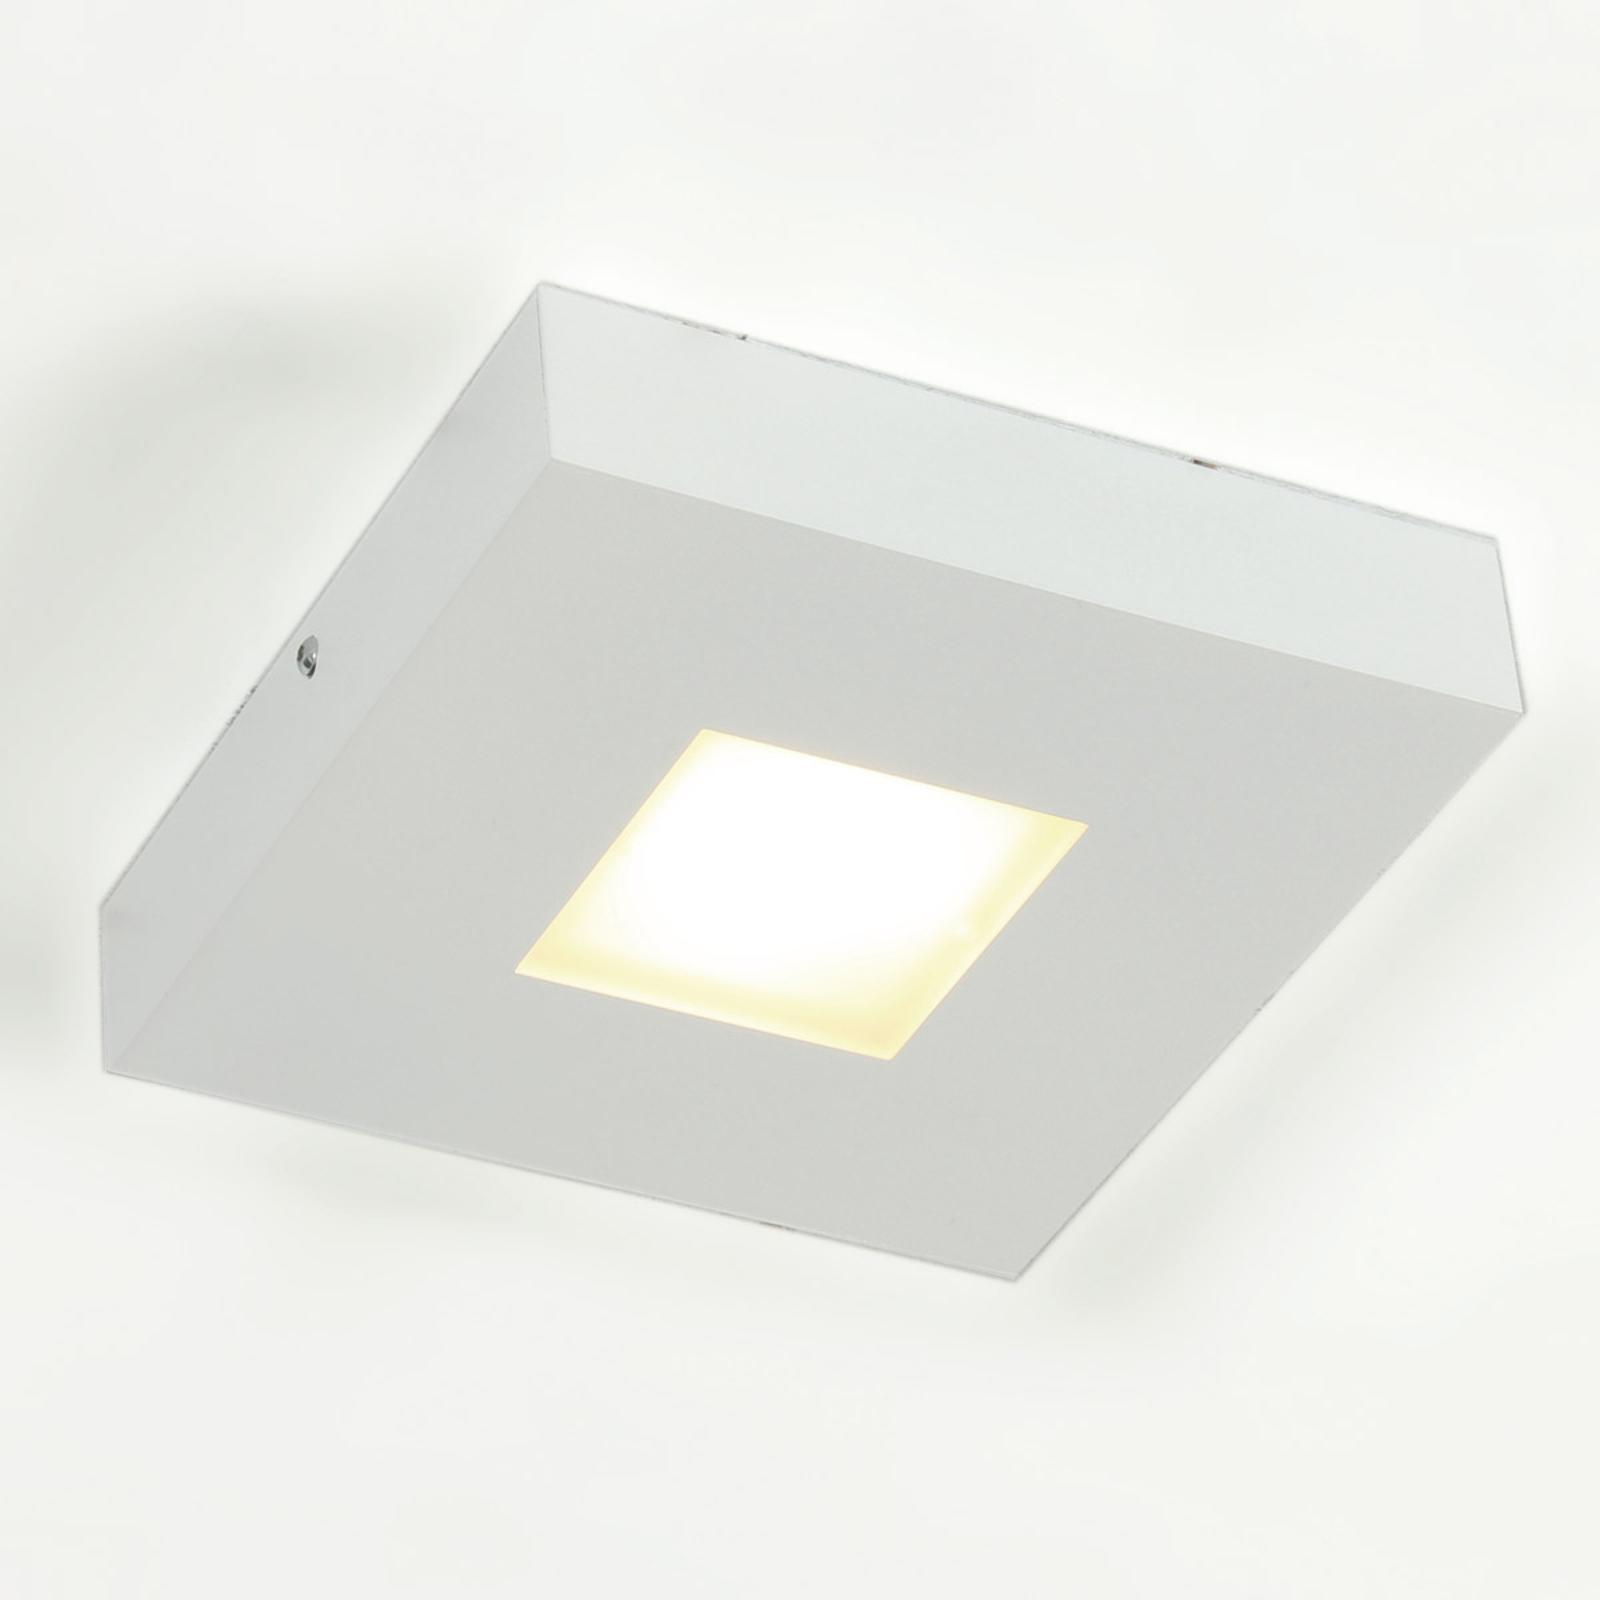 Högkvalitativ LED-taklampa Cubus, vit